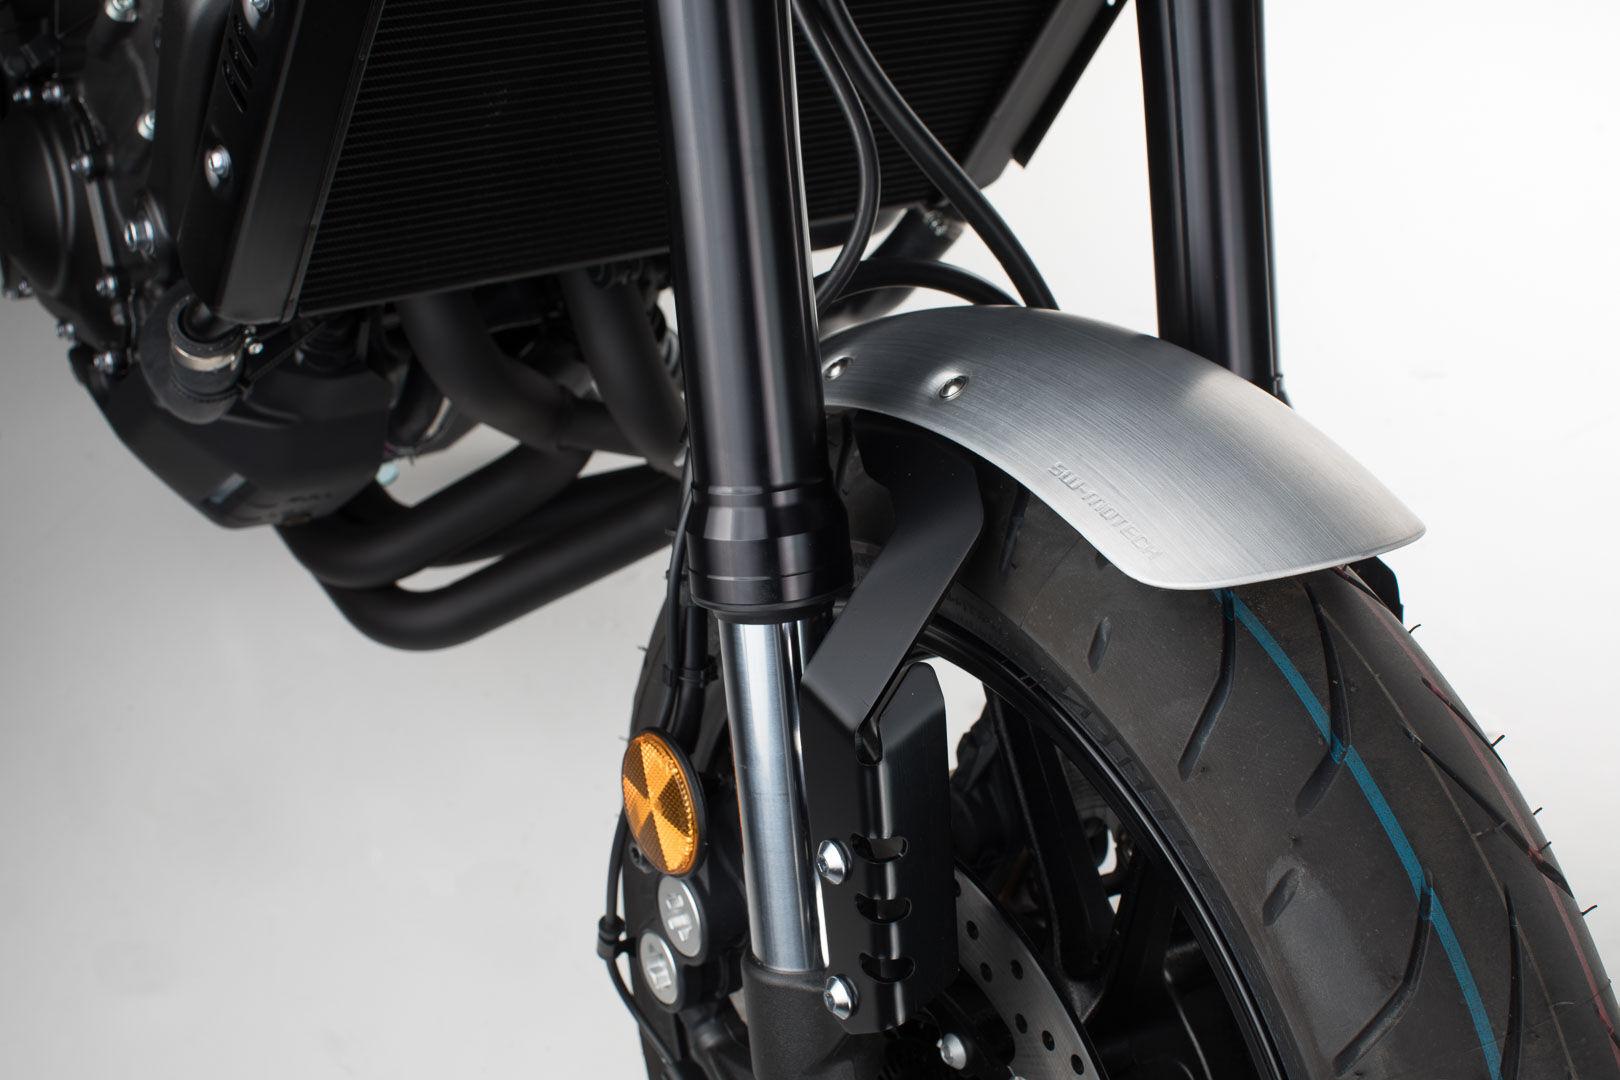 SW-Motech Kit de garde-boue - Gris. Yamaha XSR900 (15-), MT-09/ Tracer (13-). Argent taille :